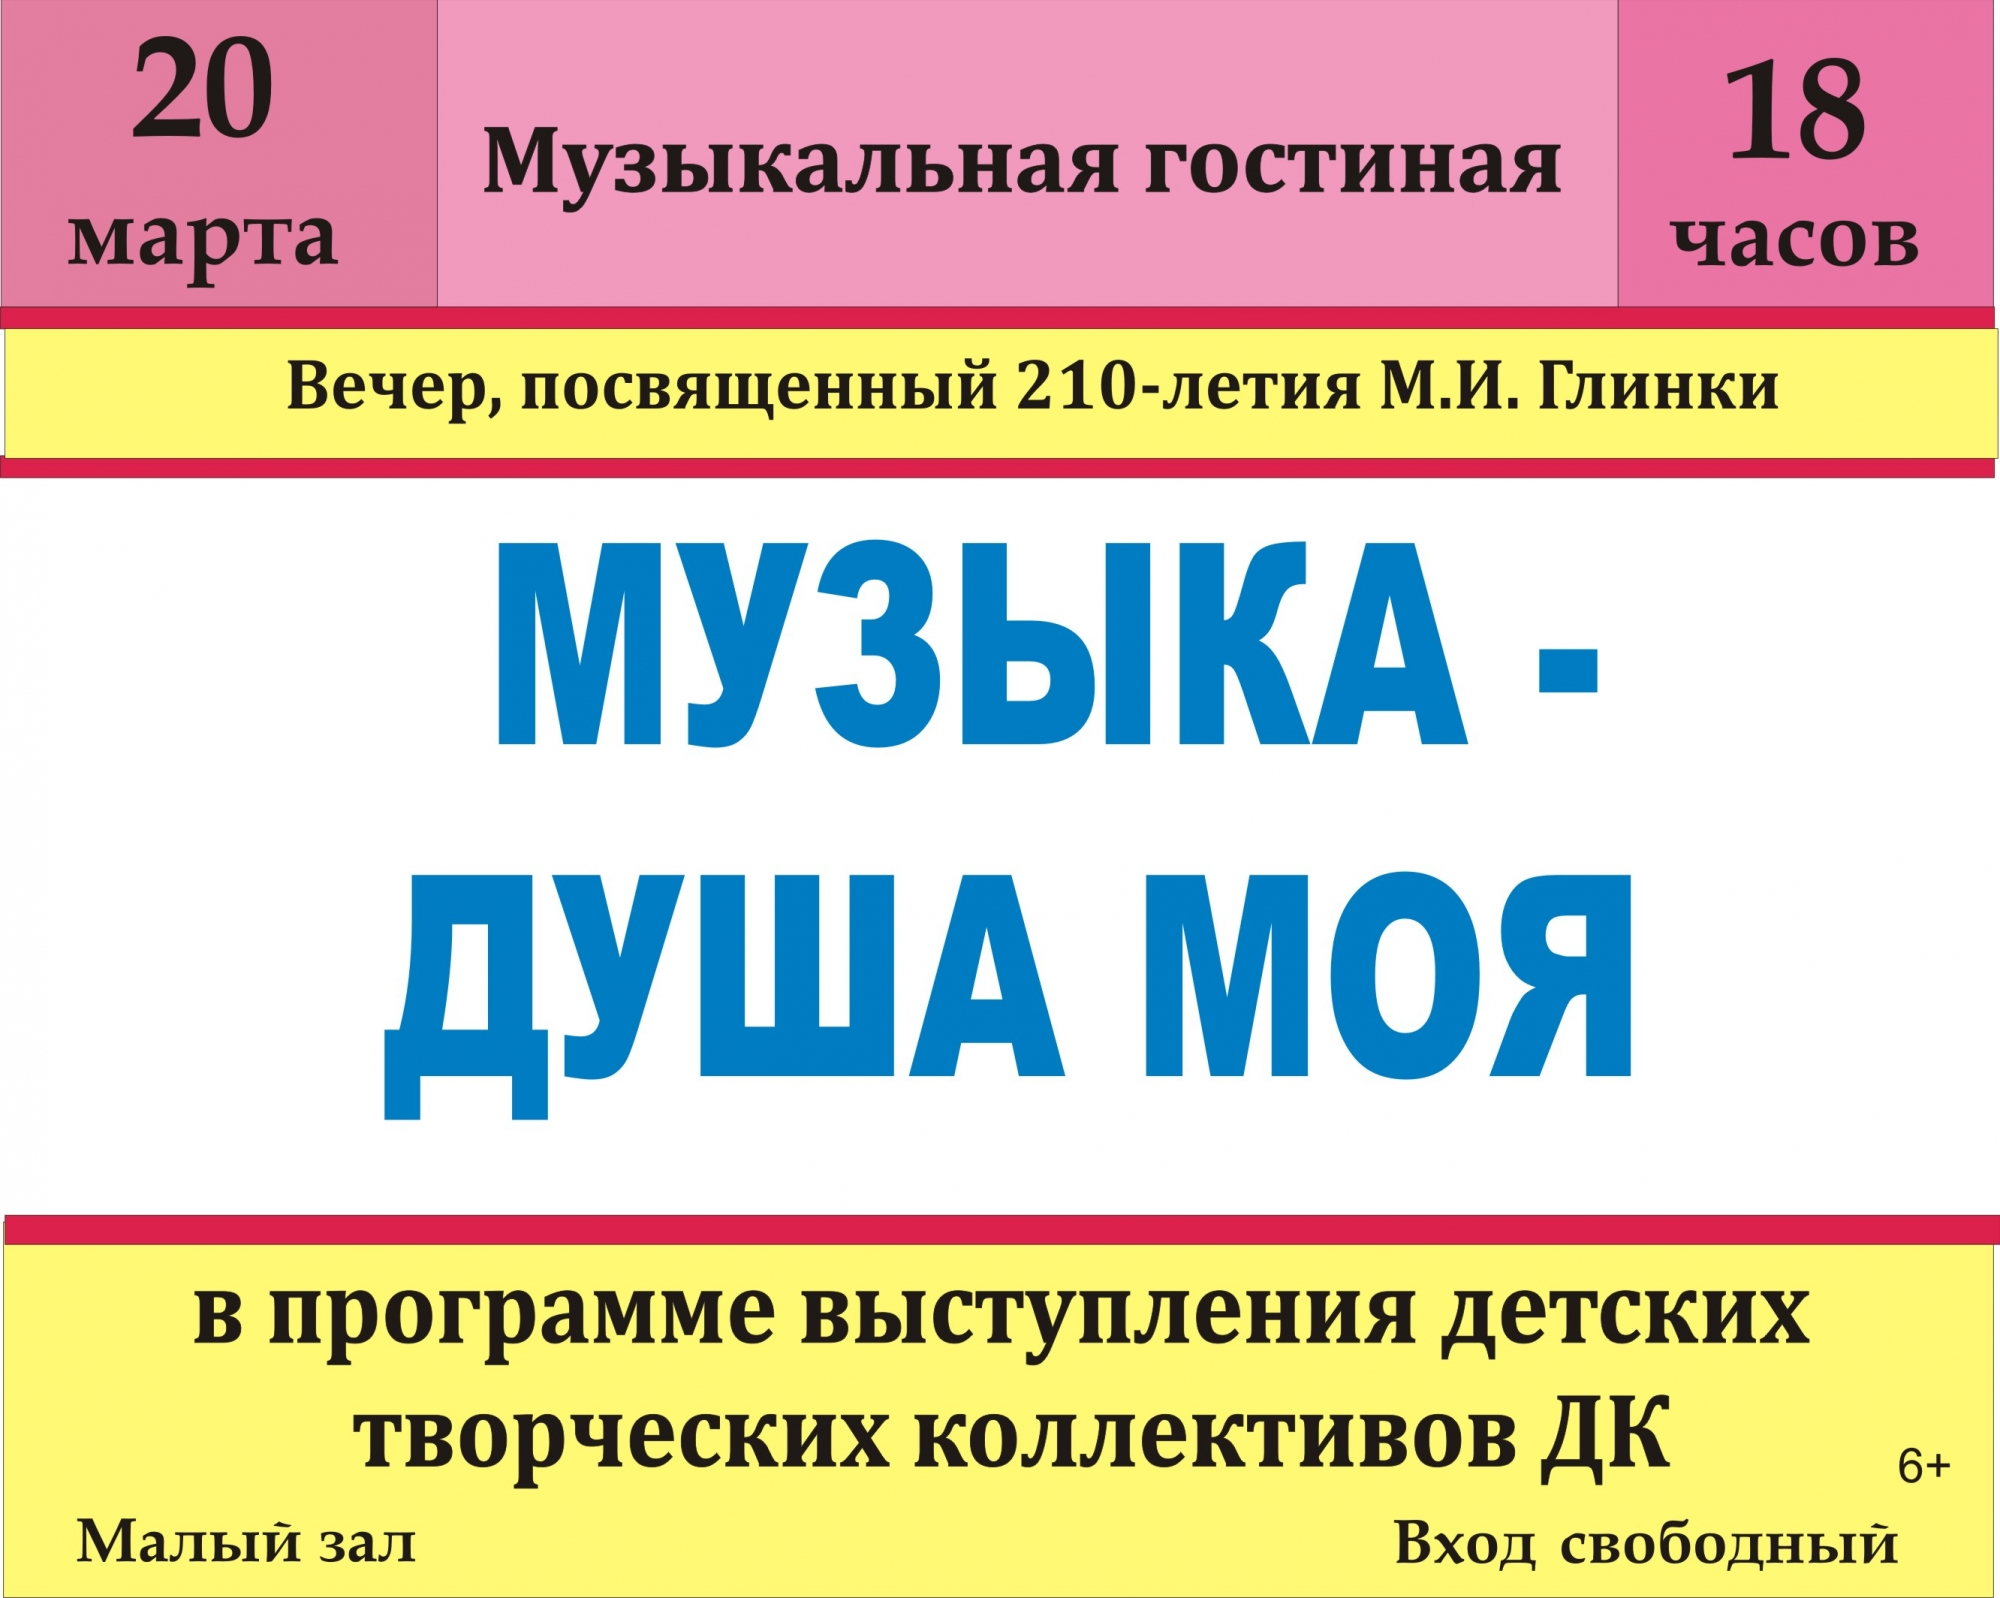 Обнажённые русските актрисы фото:Мини лезби рассказы